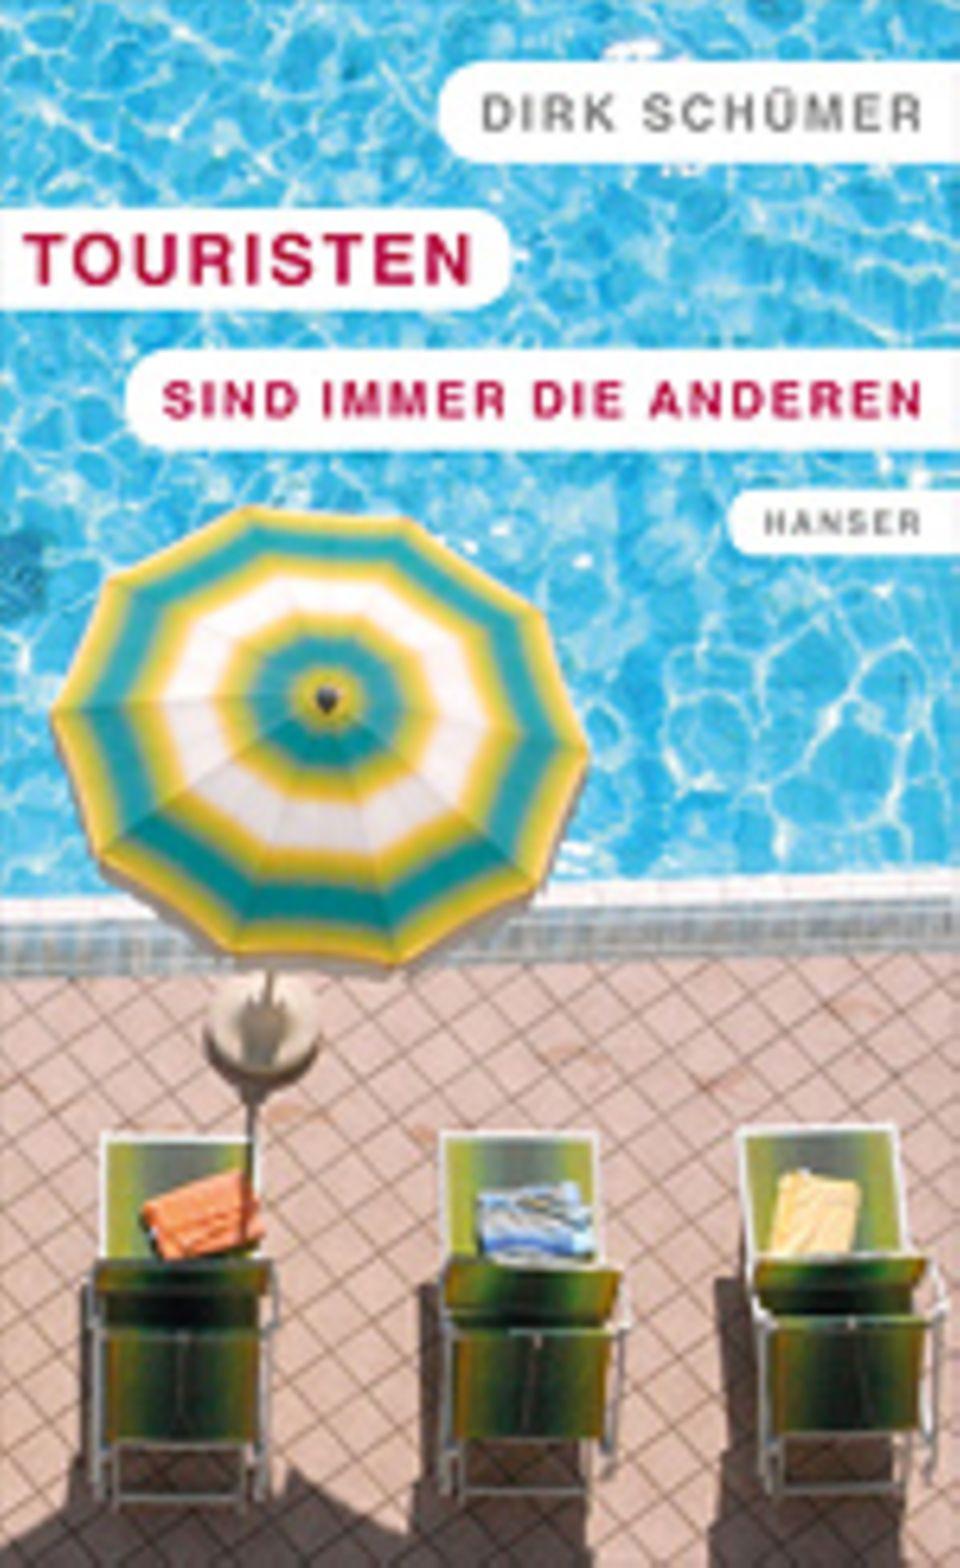 """Interview: Nach """"Eine kurze Geschichte des Wanderns"""" (Piper, 8,99 €) ist jetzt sein Buch """"Touristen sind immer die anderen"""" erschienen (Hanser, 17,90 €)"""